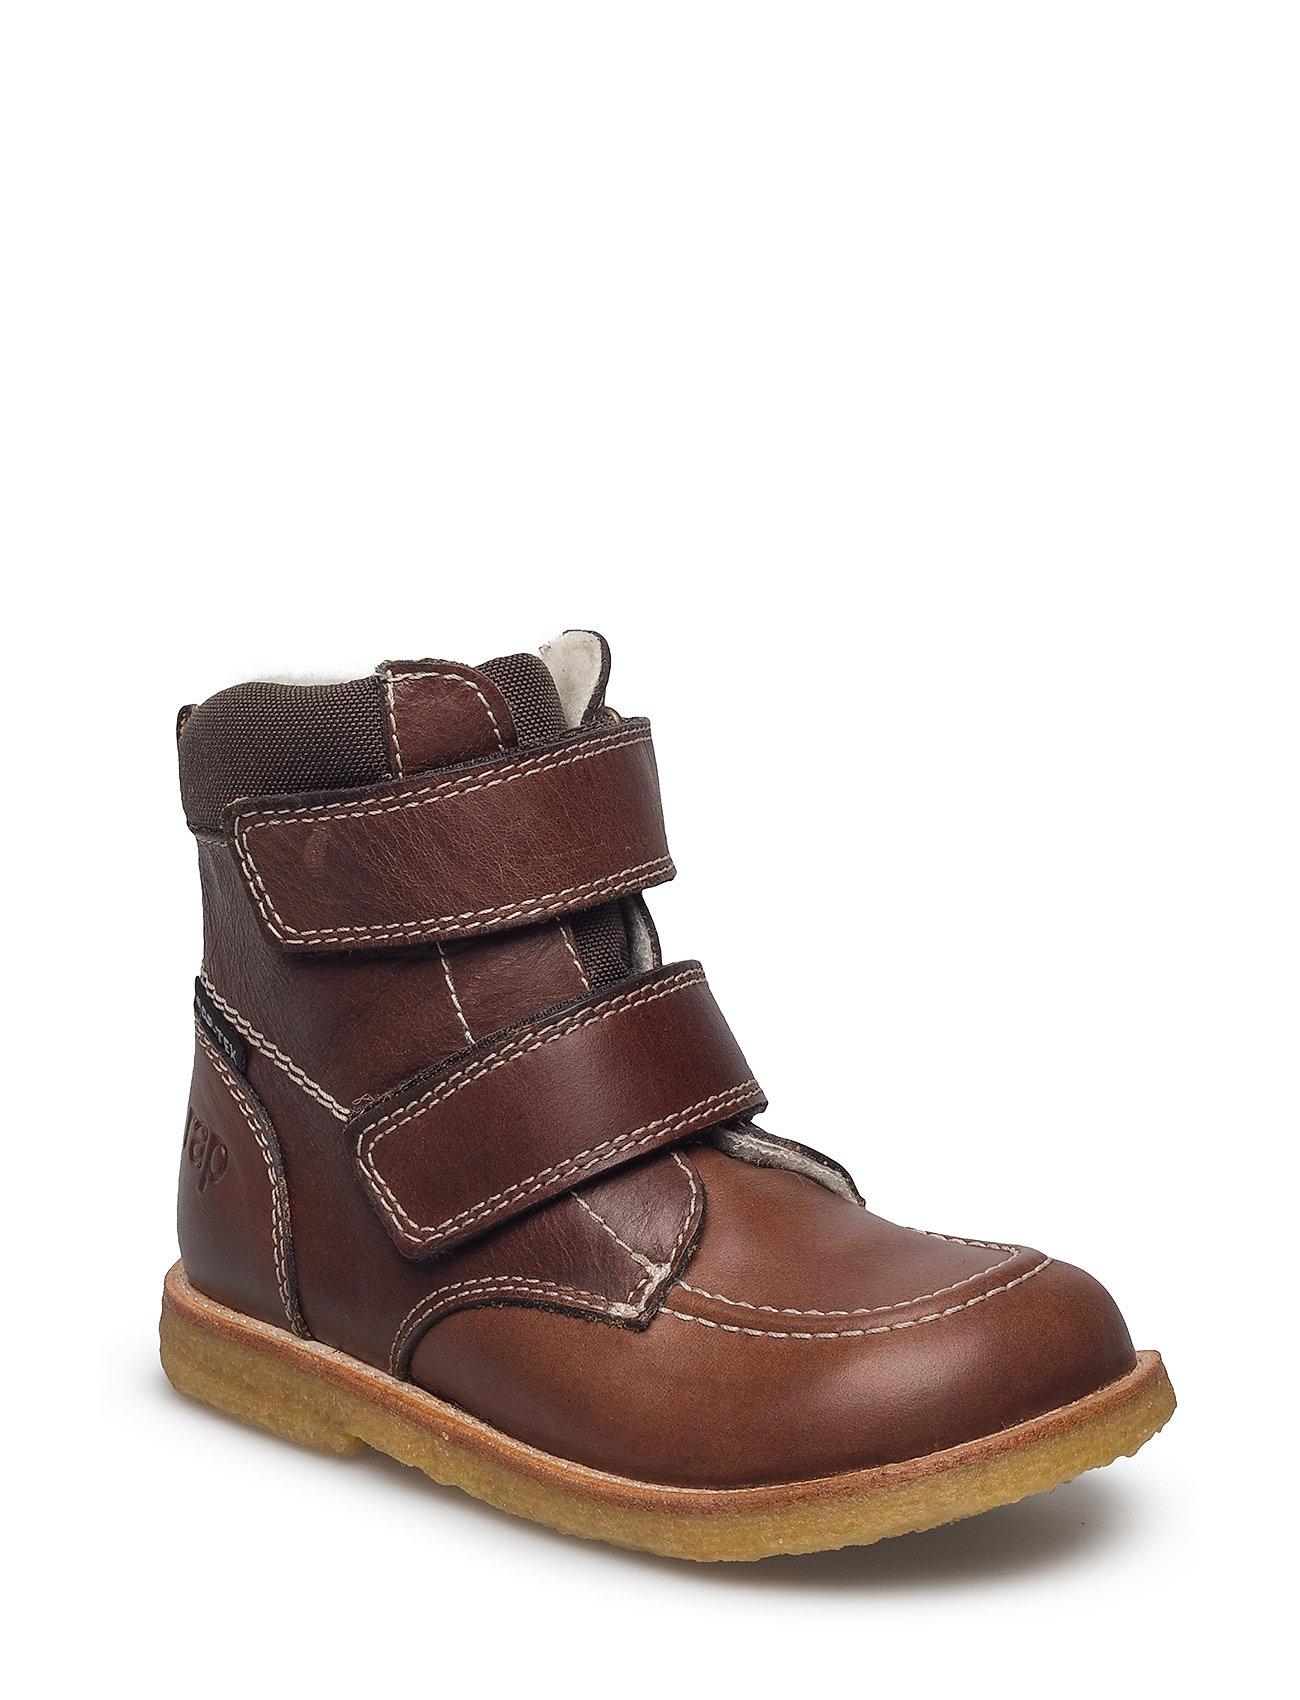 b1ab394bb3f8 Find Ecological Hand Made Water Proof Low Boot Arauto RAP Støvler i til  Børn i en online fashion store